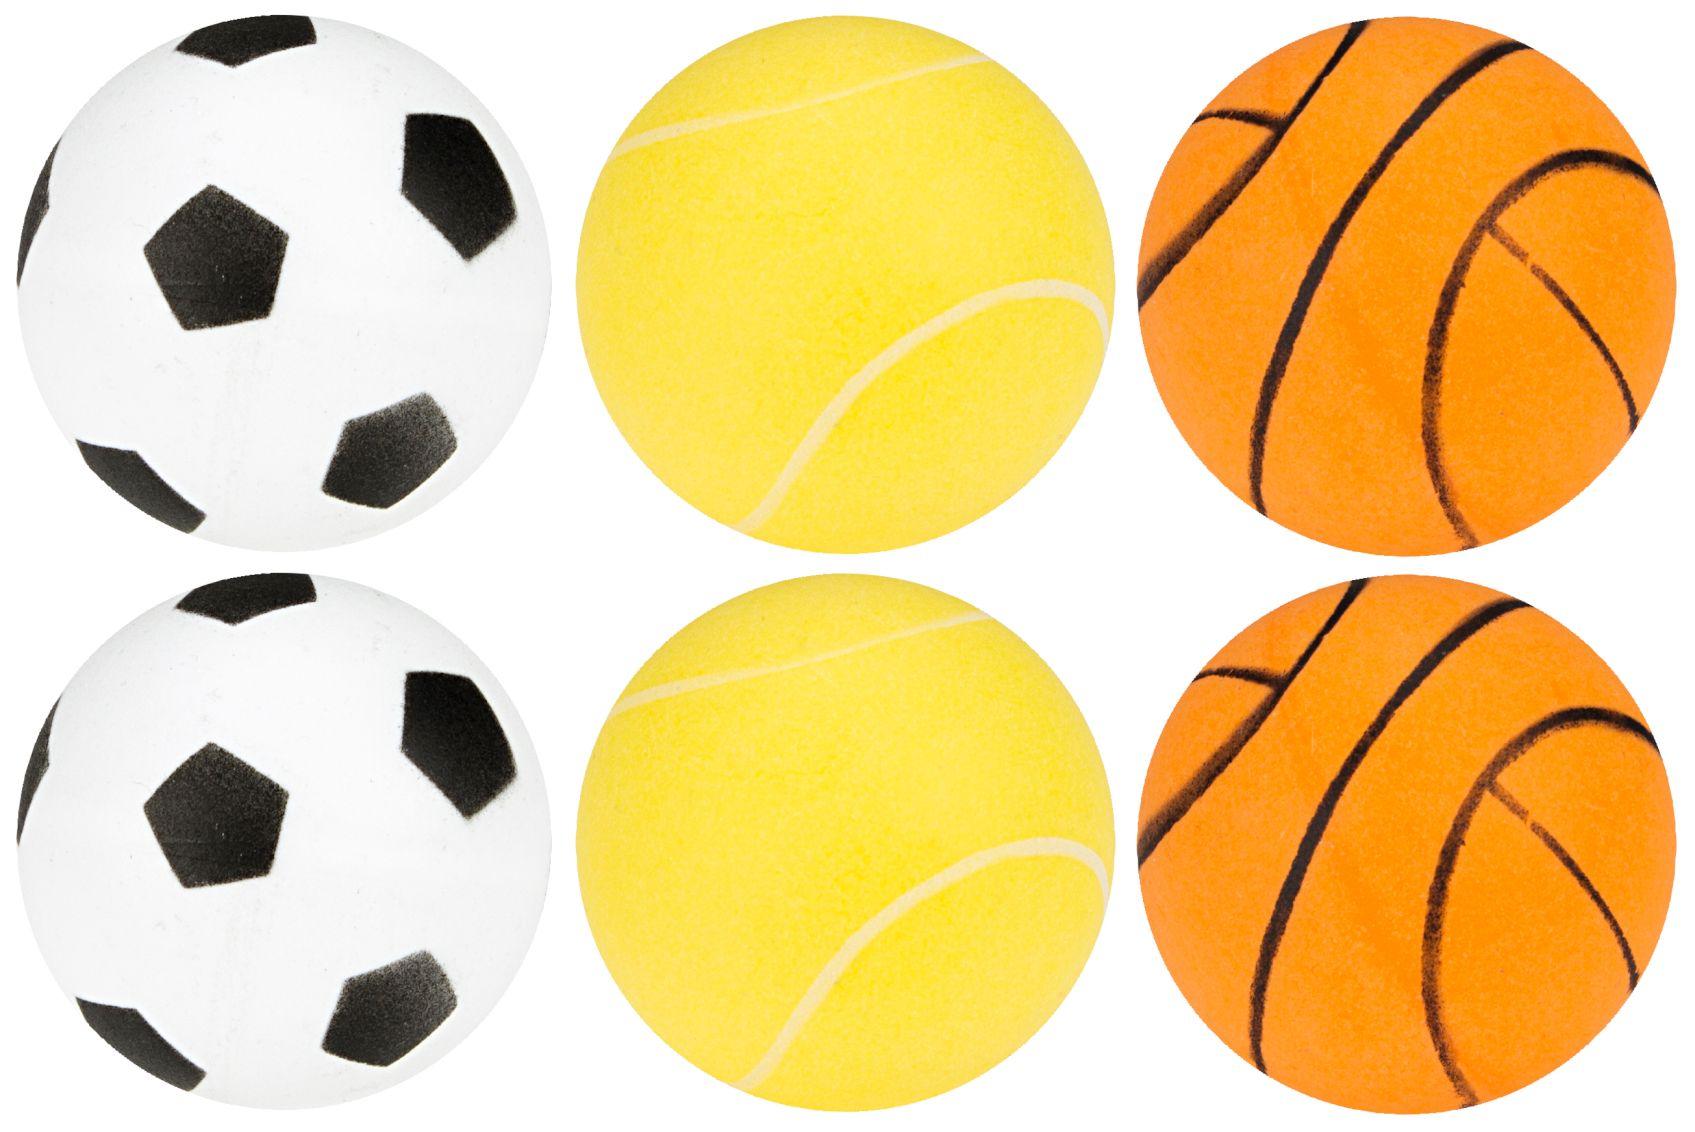 Tafeltennisballen met Print in Koker • 6 Stuks •